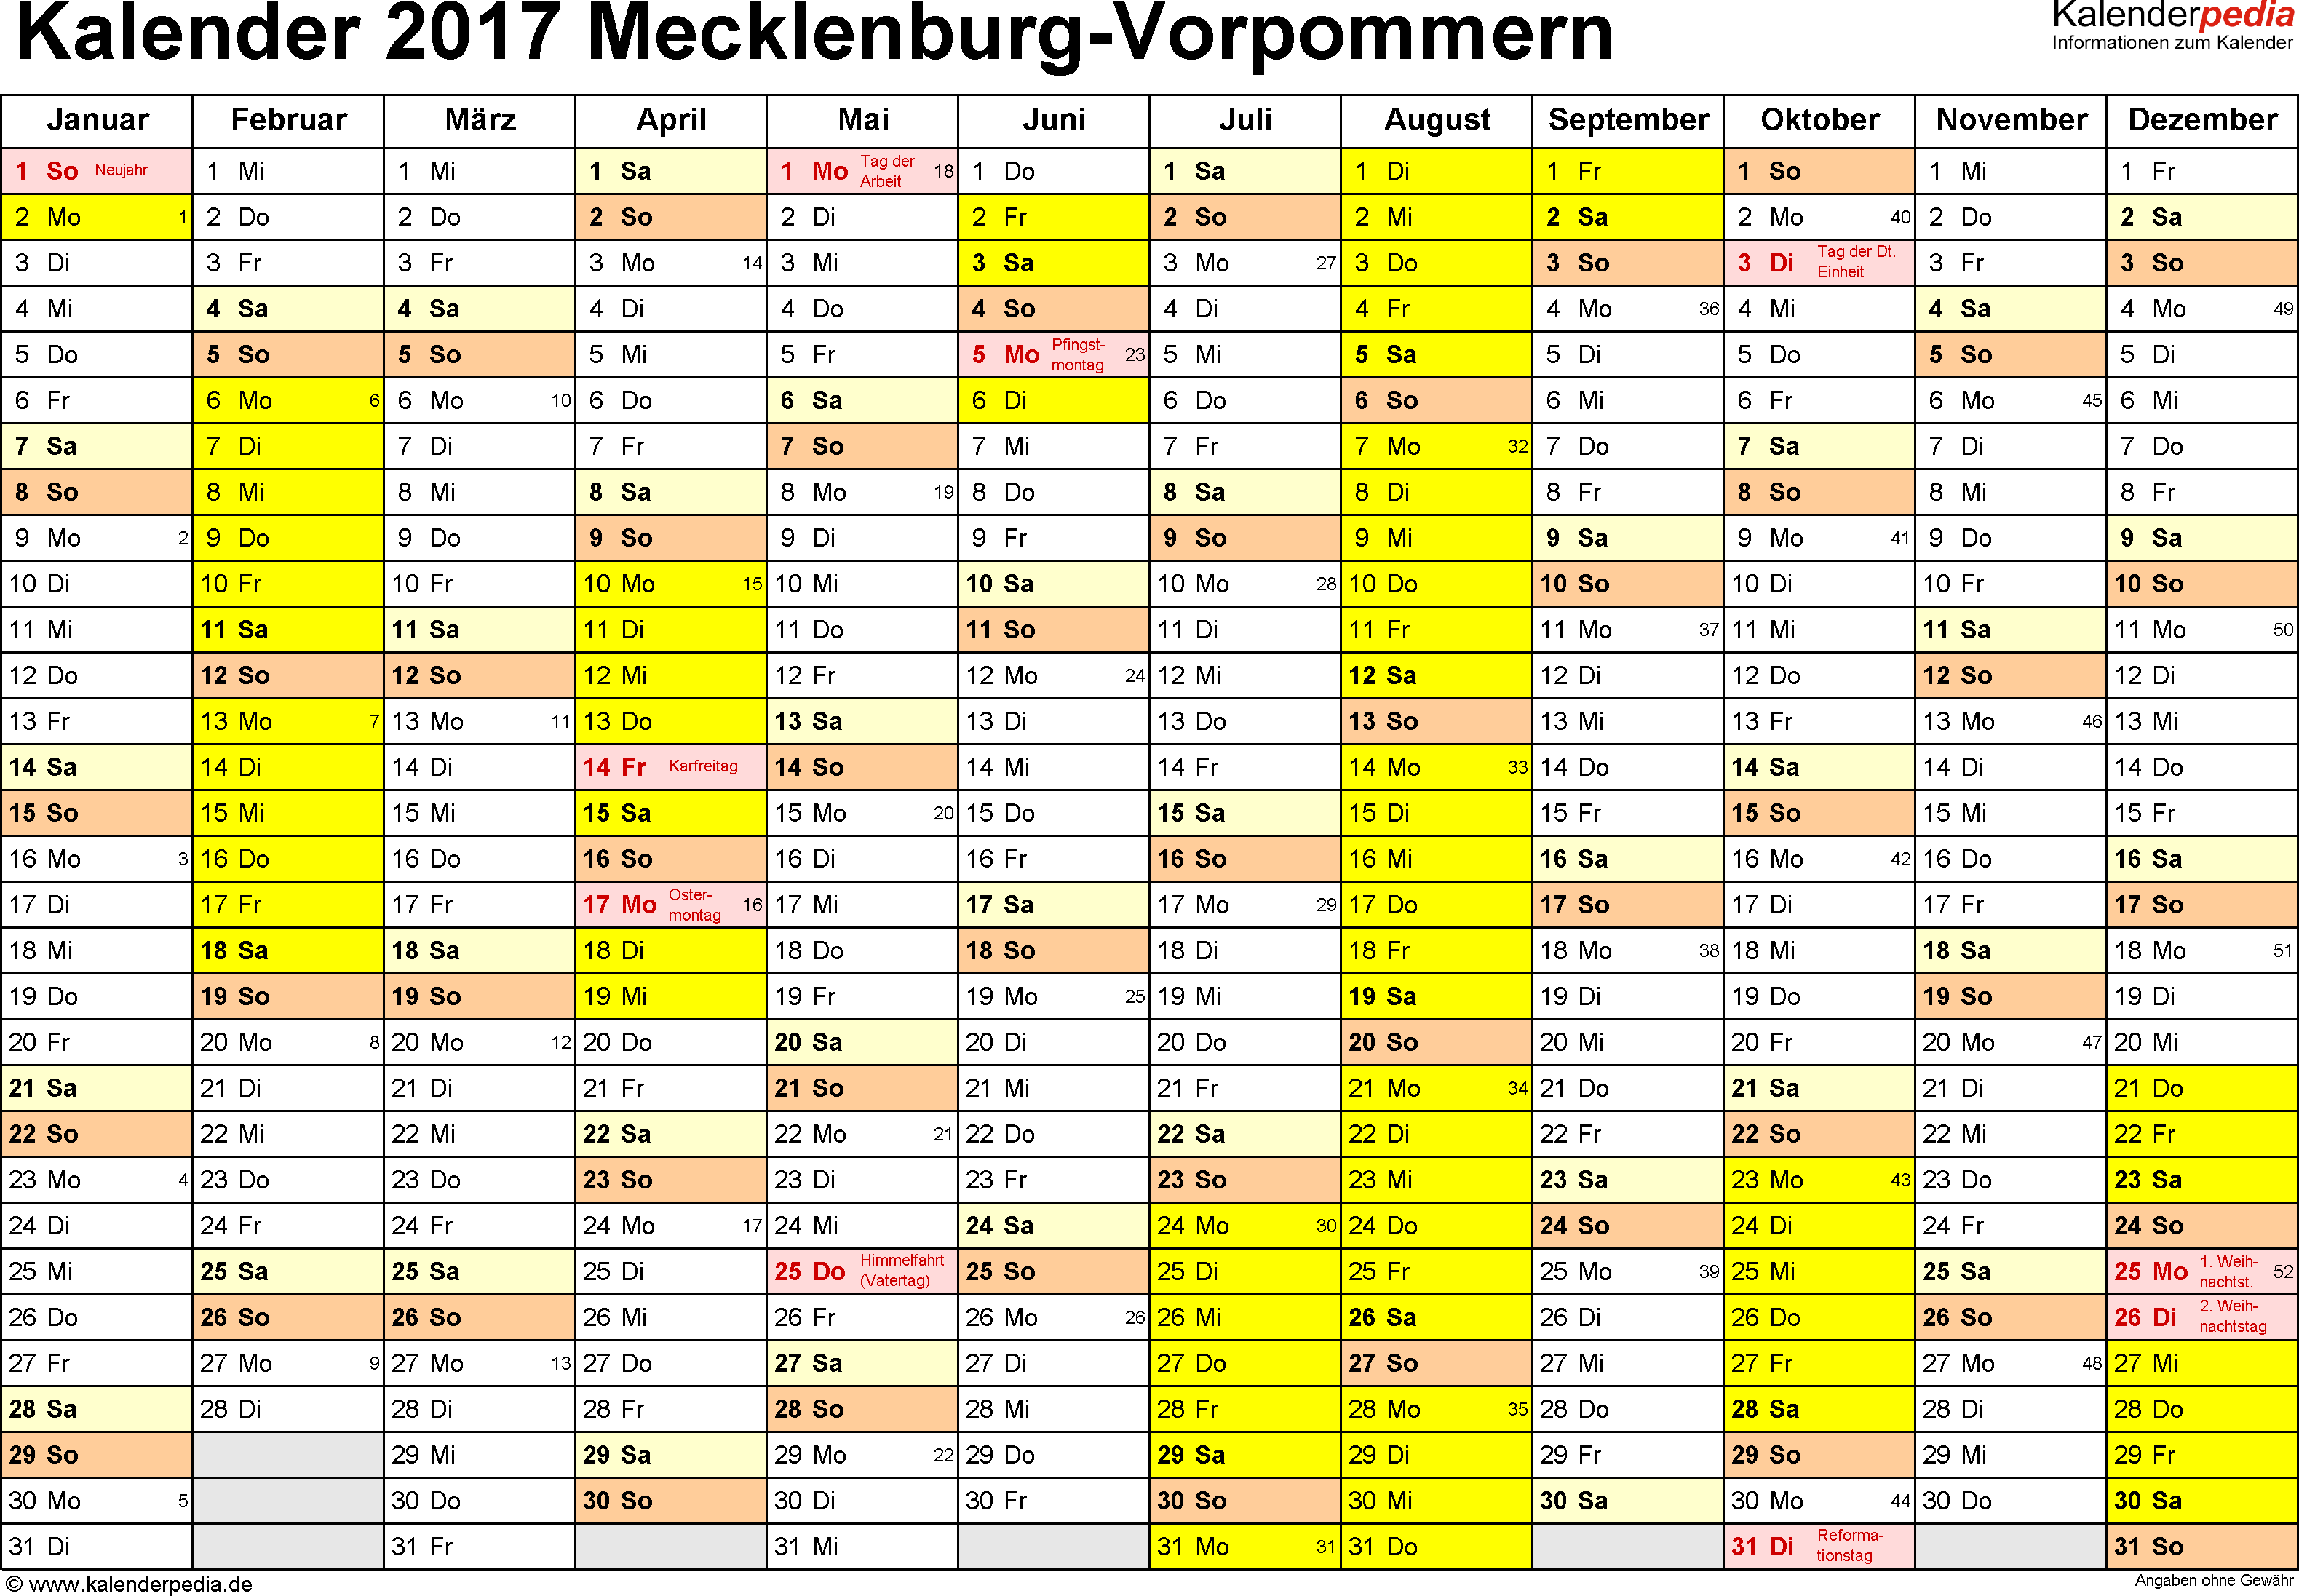 Vorlage 1: Kalender 2017 für Mecklenburg-Vorpommern als PDF-Vorlagen (Querformat, 1 Seite)